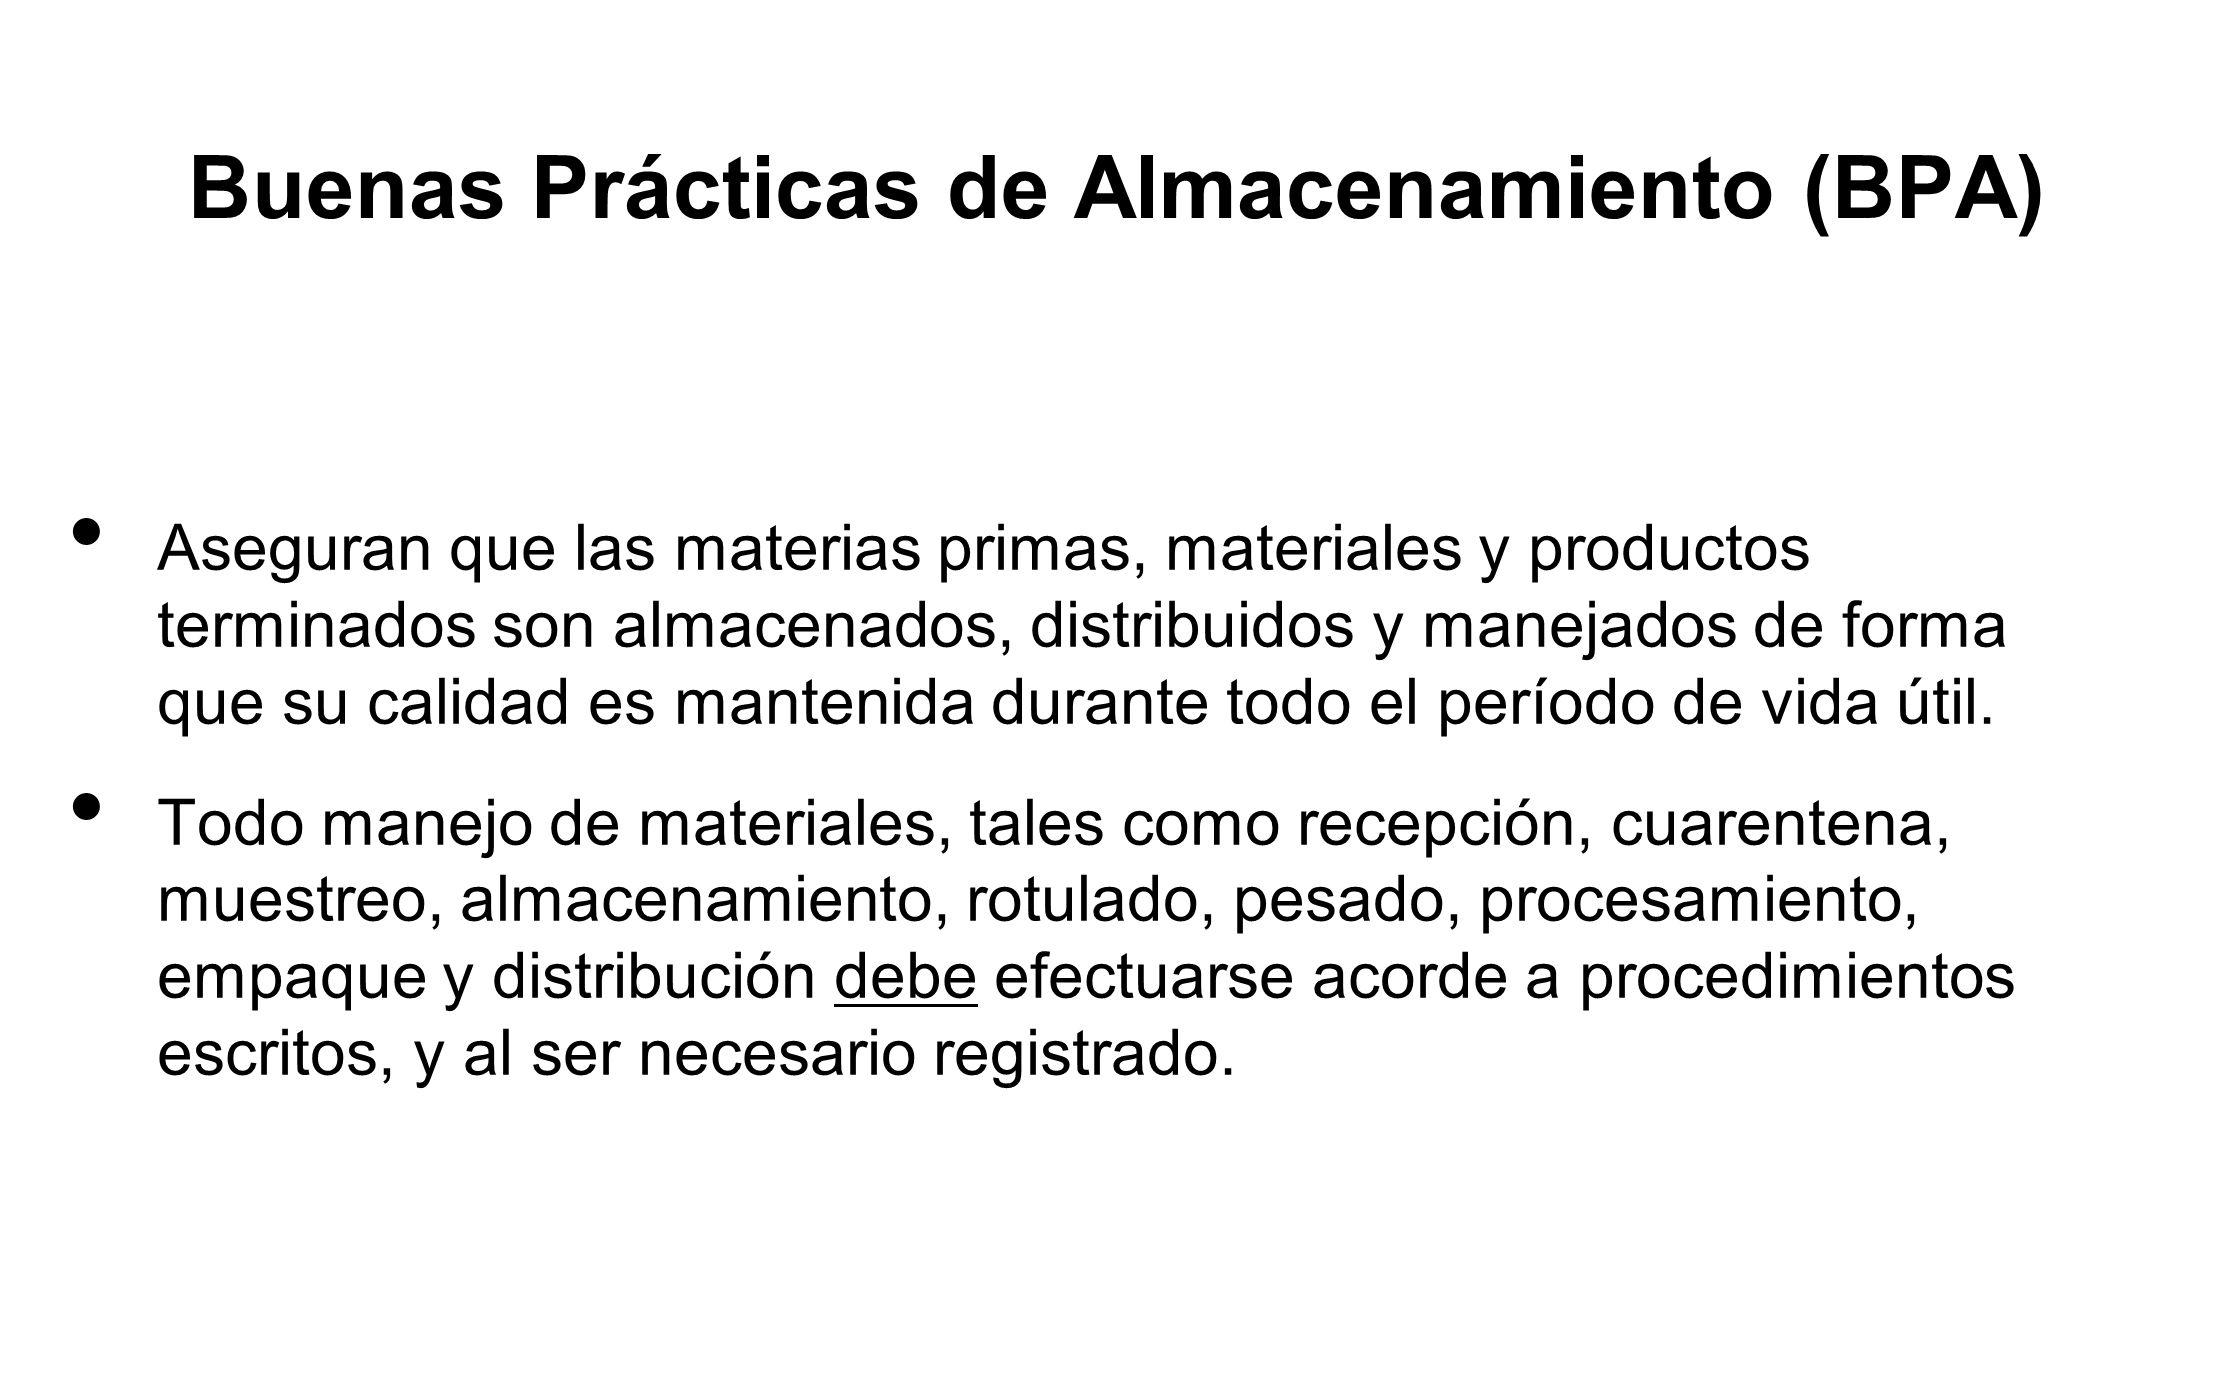 Buenas Prácticas de Almacenamiento (BPA) Aseguran que las materias primas, materiales y productos terminados son almacenados, distribuidos y manejados